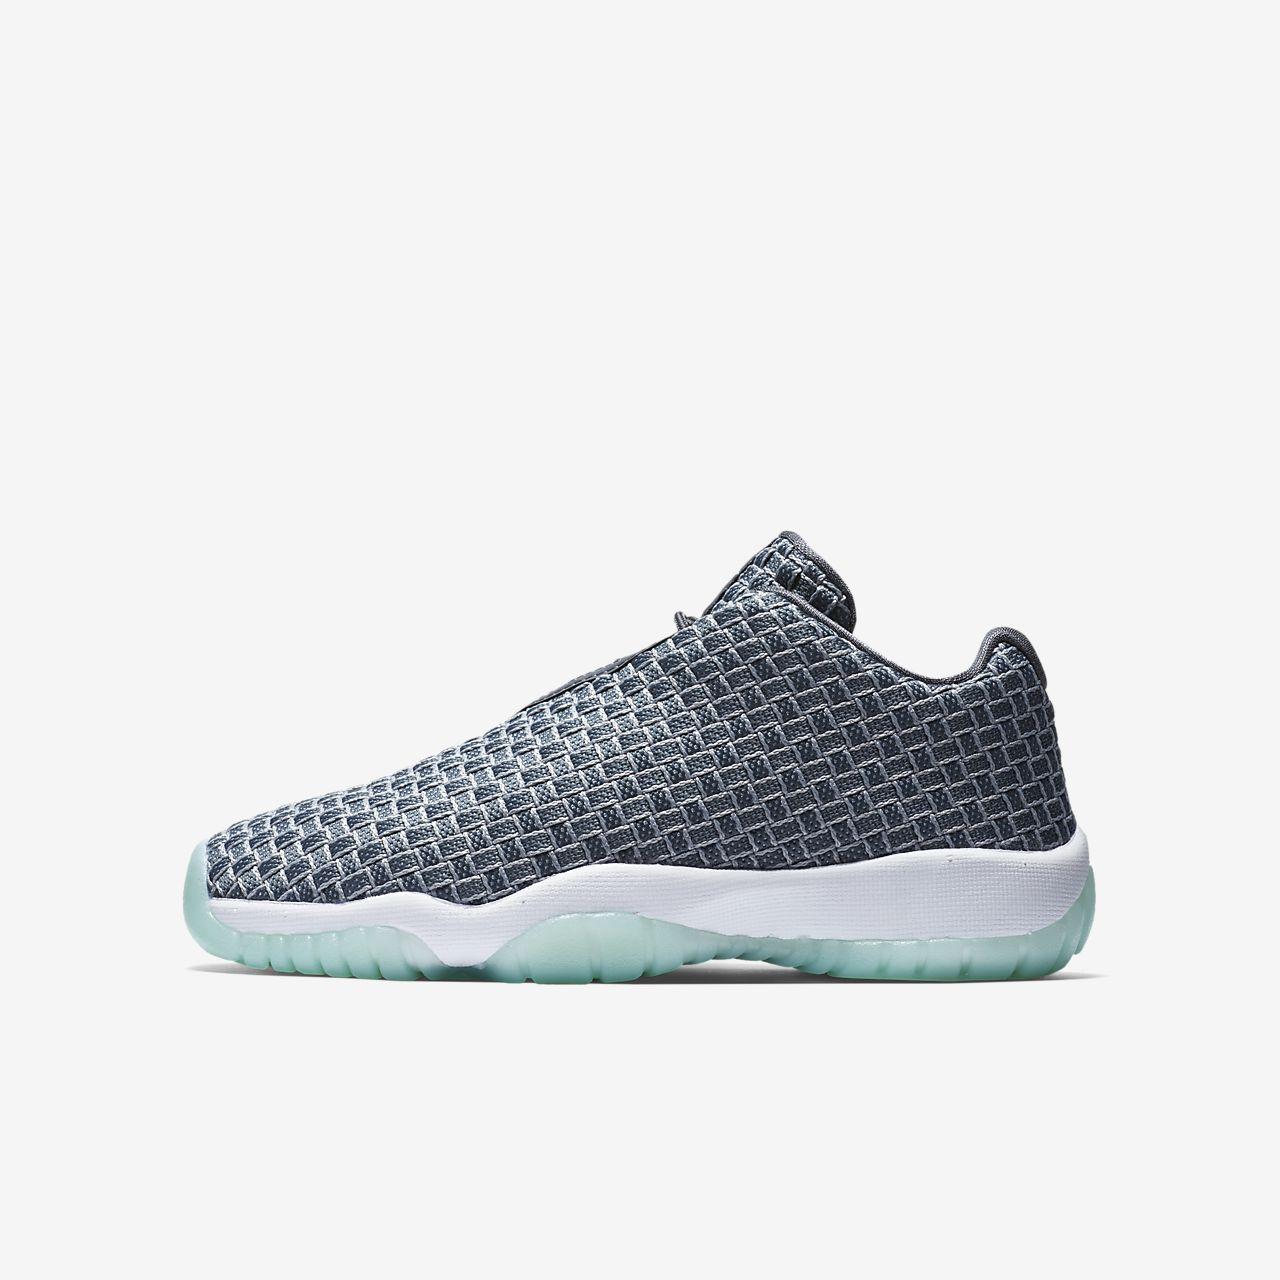 factory price 285a4 c5307 Chaussure de Basket Jordan Future Low Gris pour enfant Pointure - 37.5